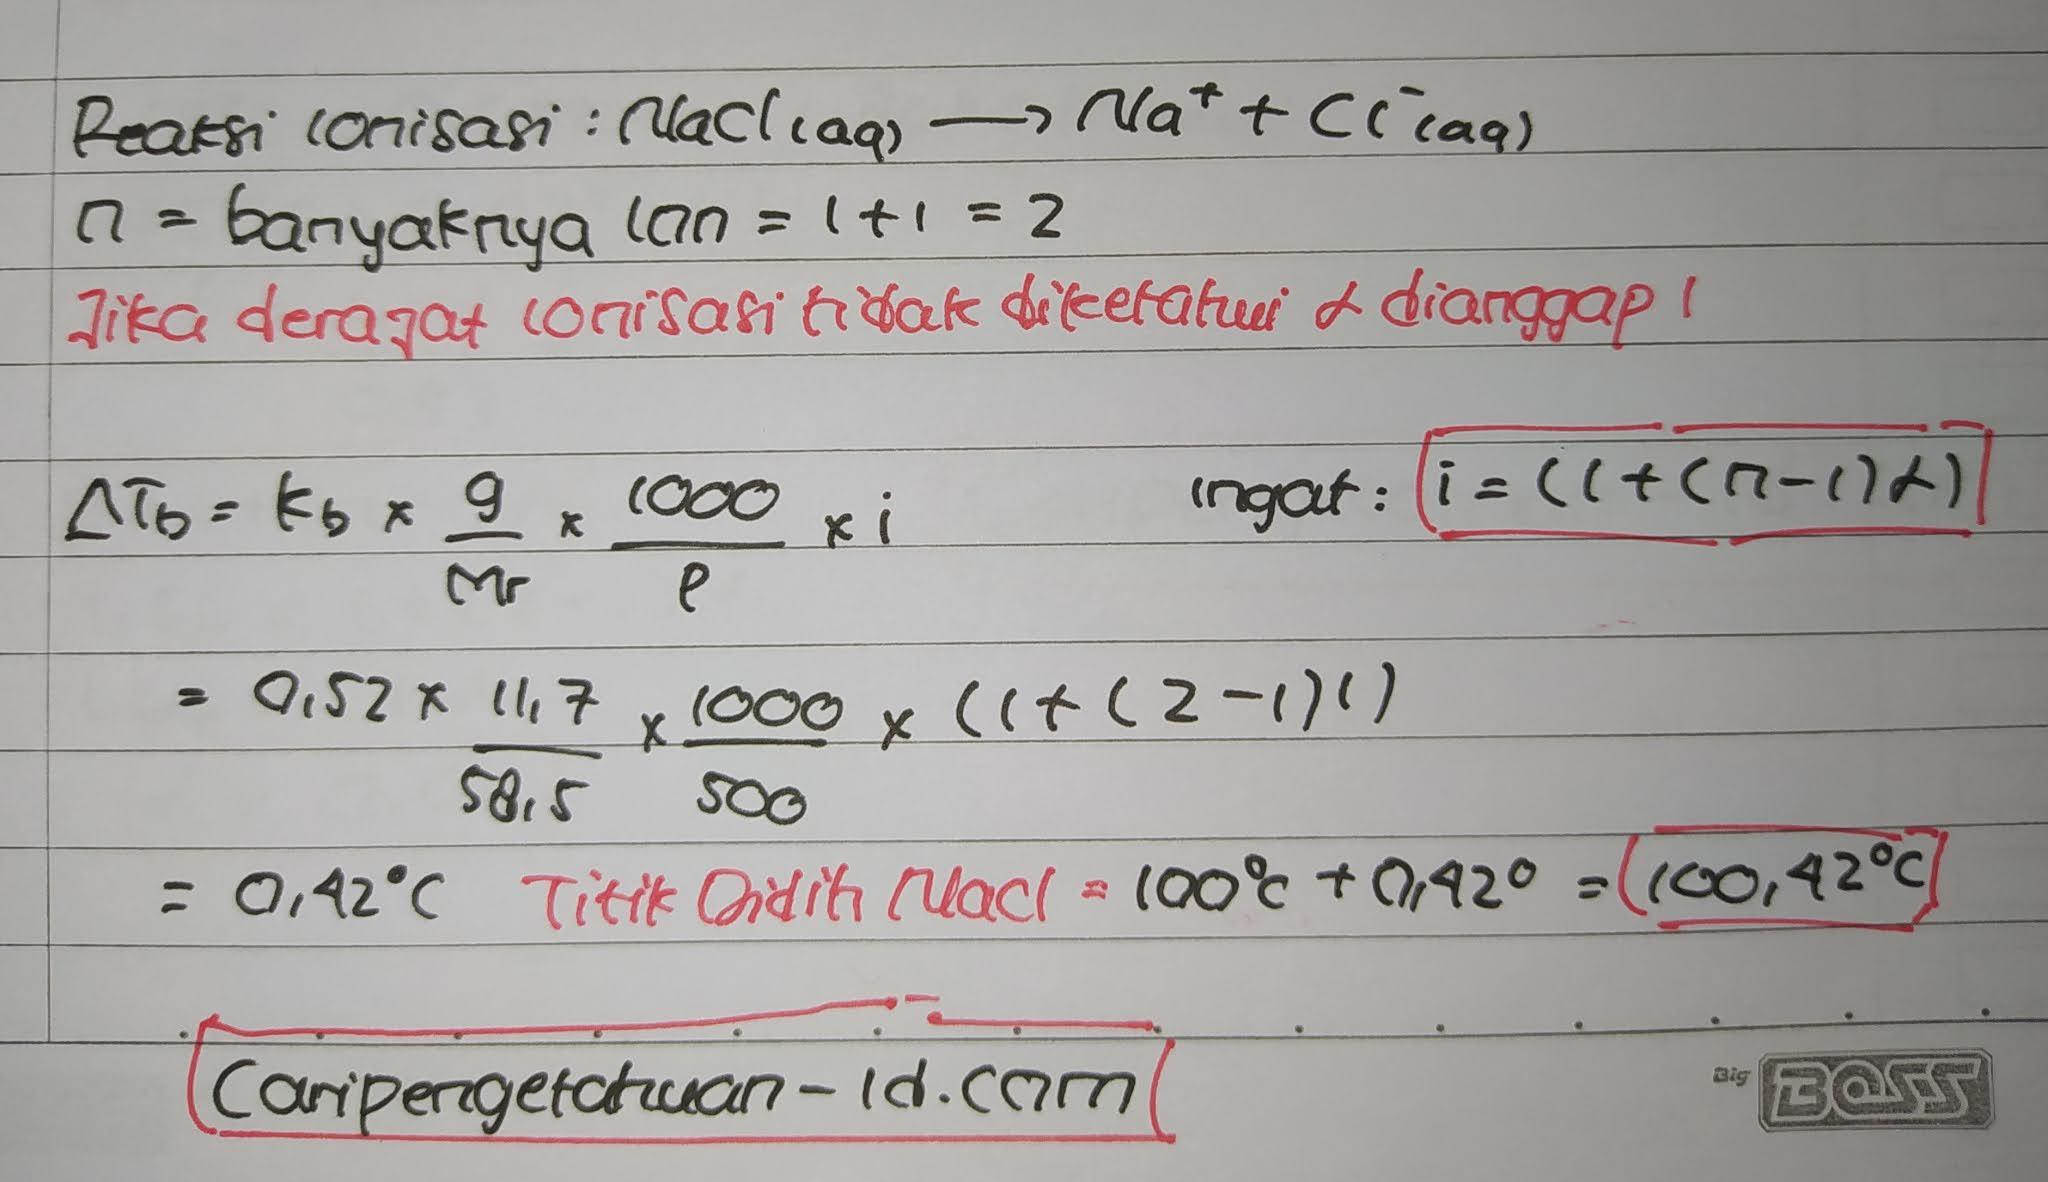 Sebanyak 11,7 gram NaCl (Mr = 58,5) dilarutkan dalam 500 gram air. Titik didih larutan adalah......(Kb air = 0,52°C/m)